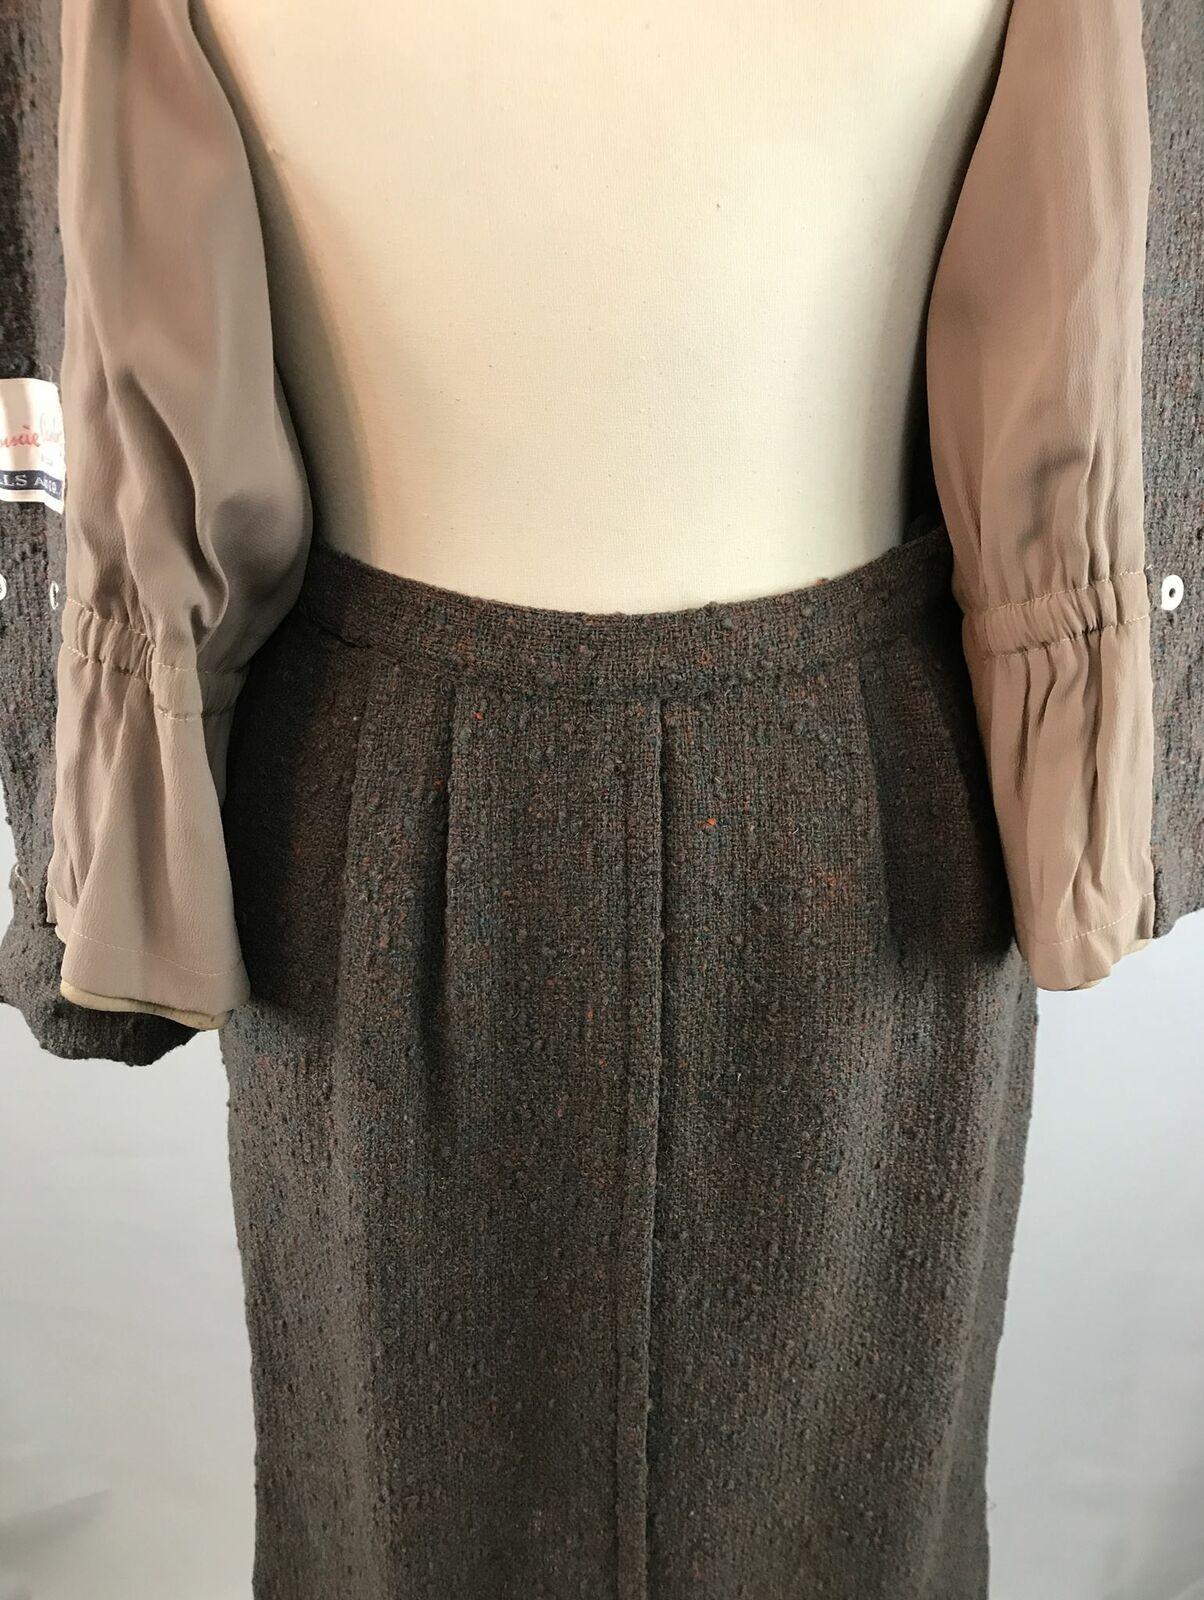 Vintage Bonnie Cashin Leather Jacket and Skirt Se… - image 8